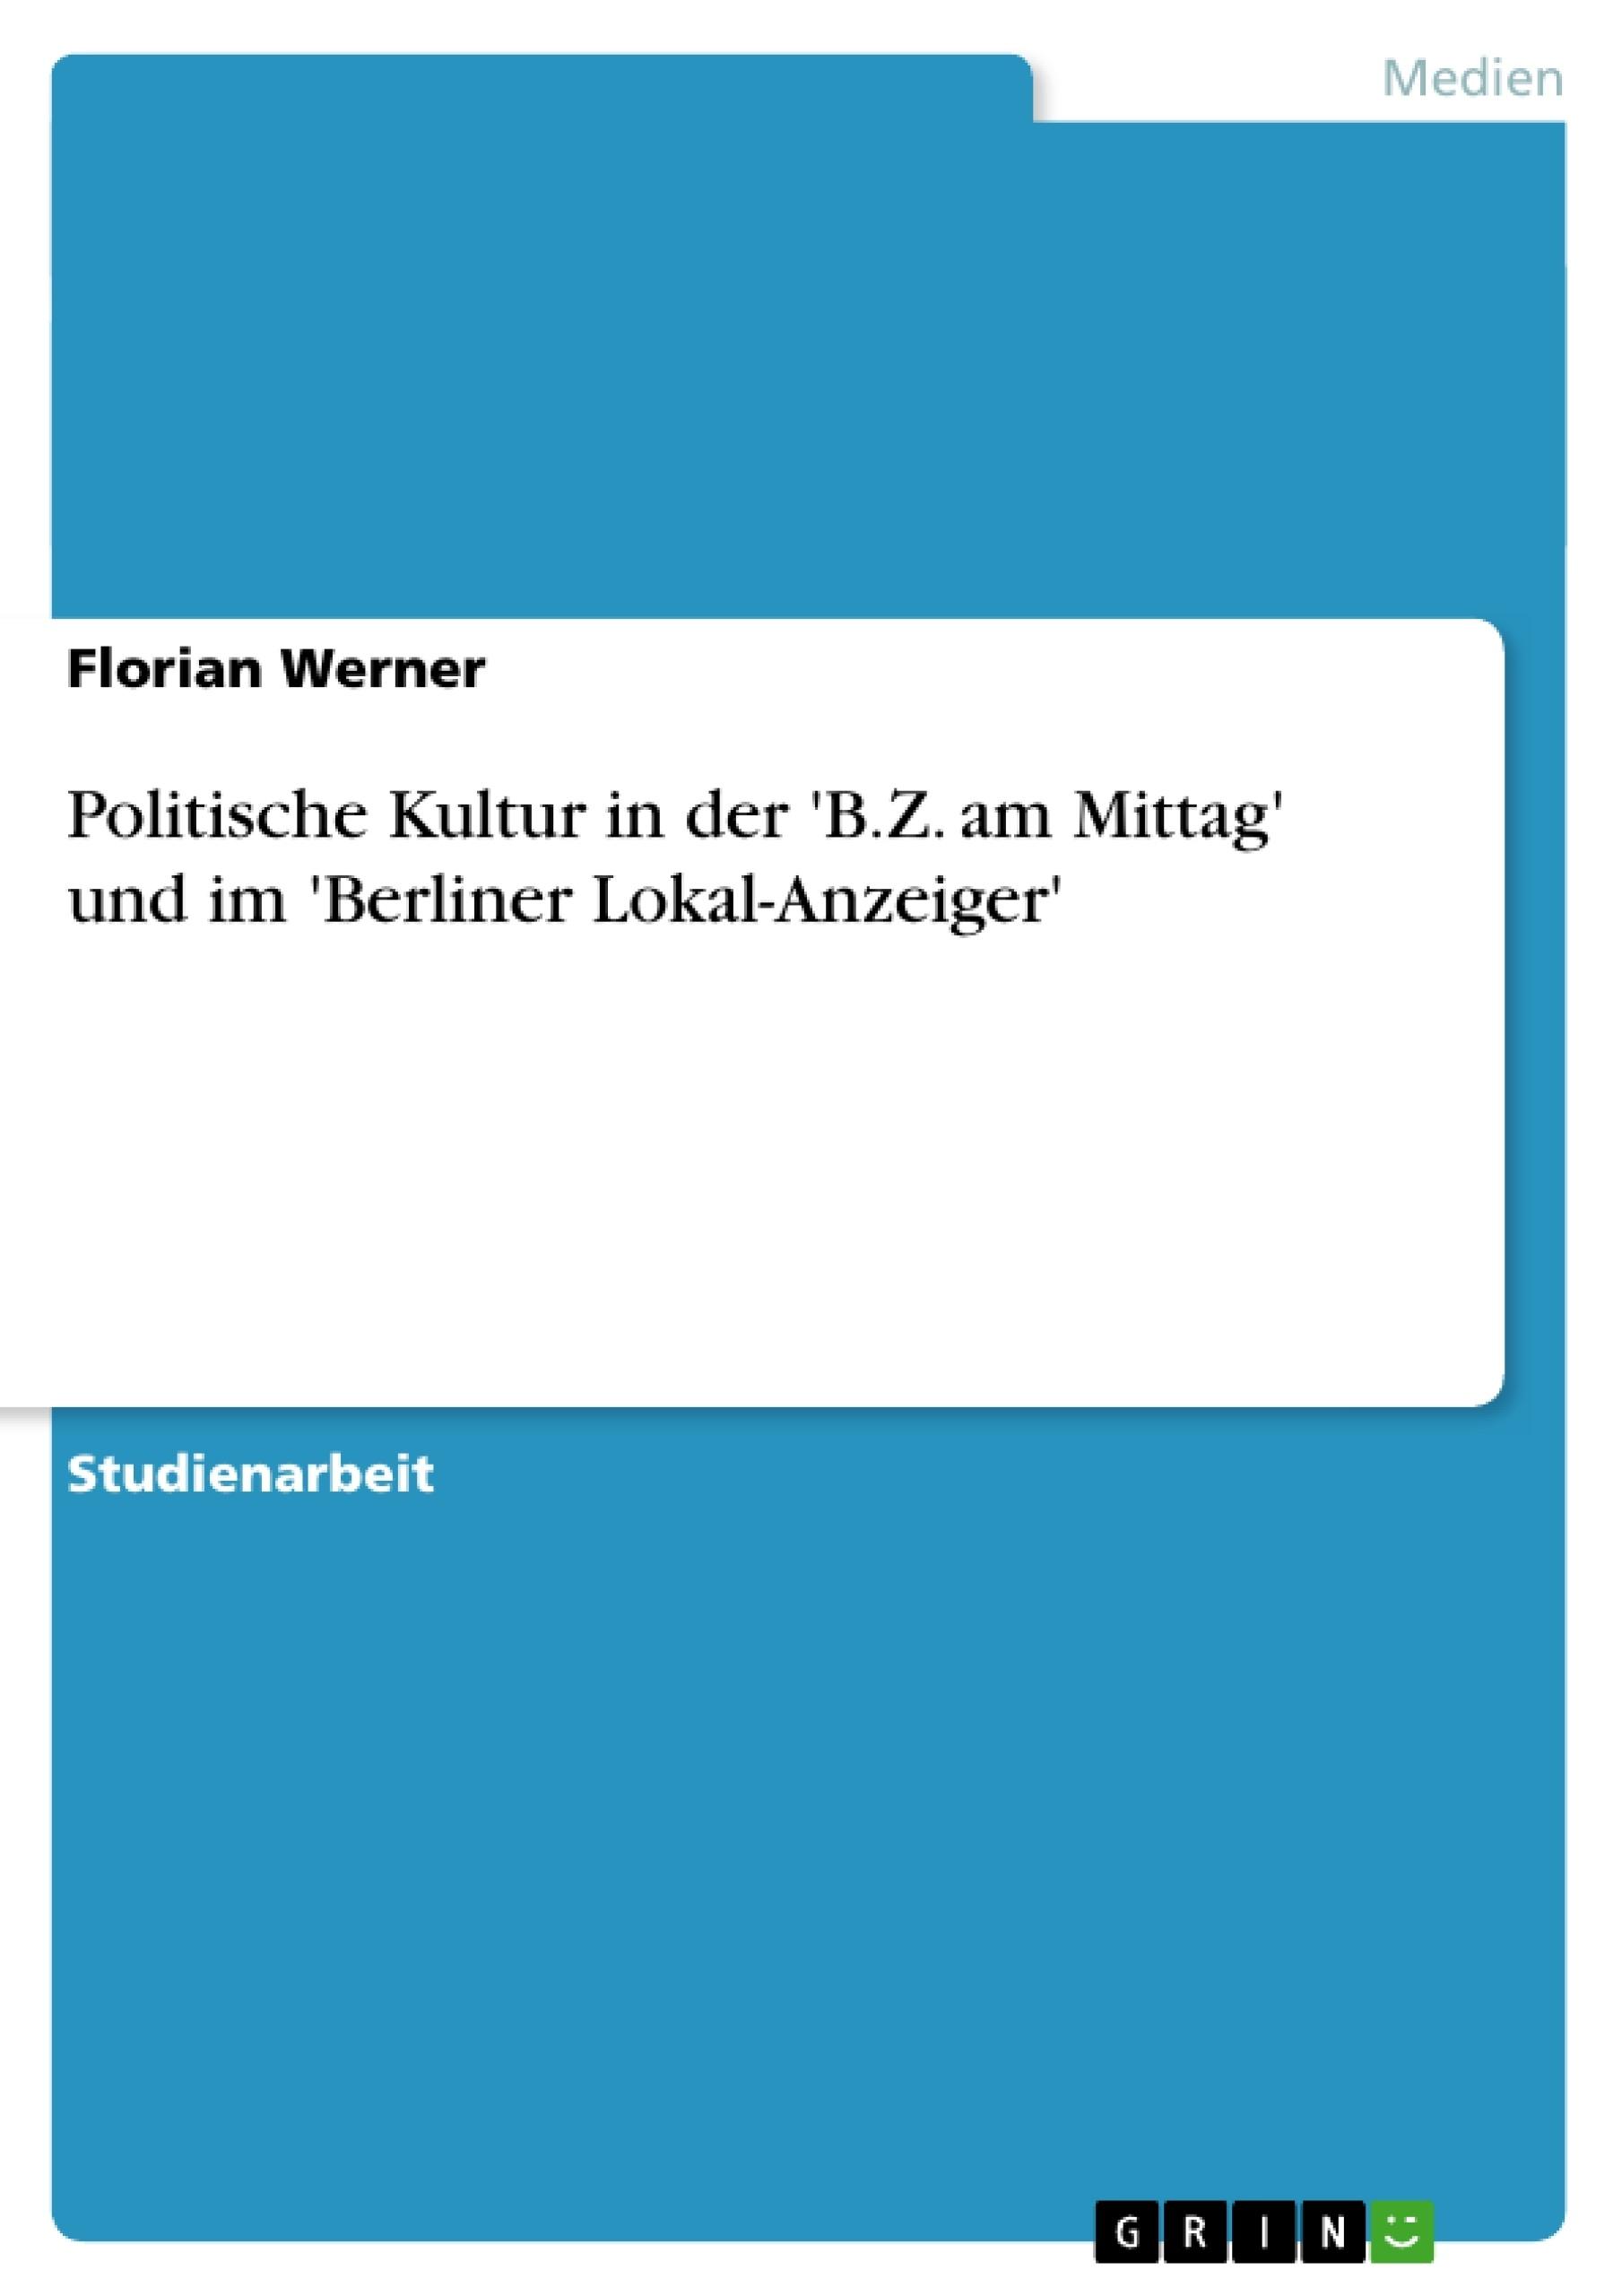 Titel: Politische Kultur in der 'B.Z. am Mittag' und im 'Berliner Lokal-Anzeiger'